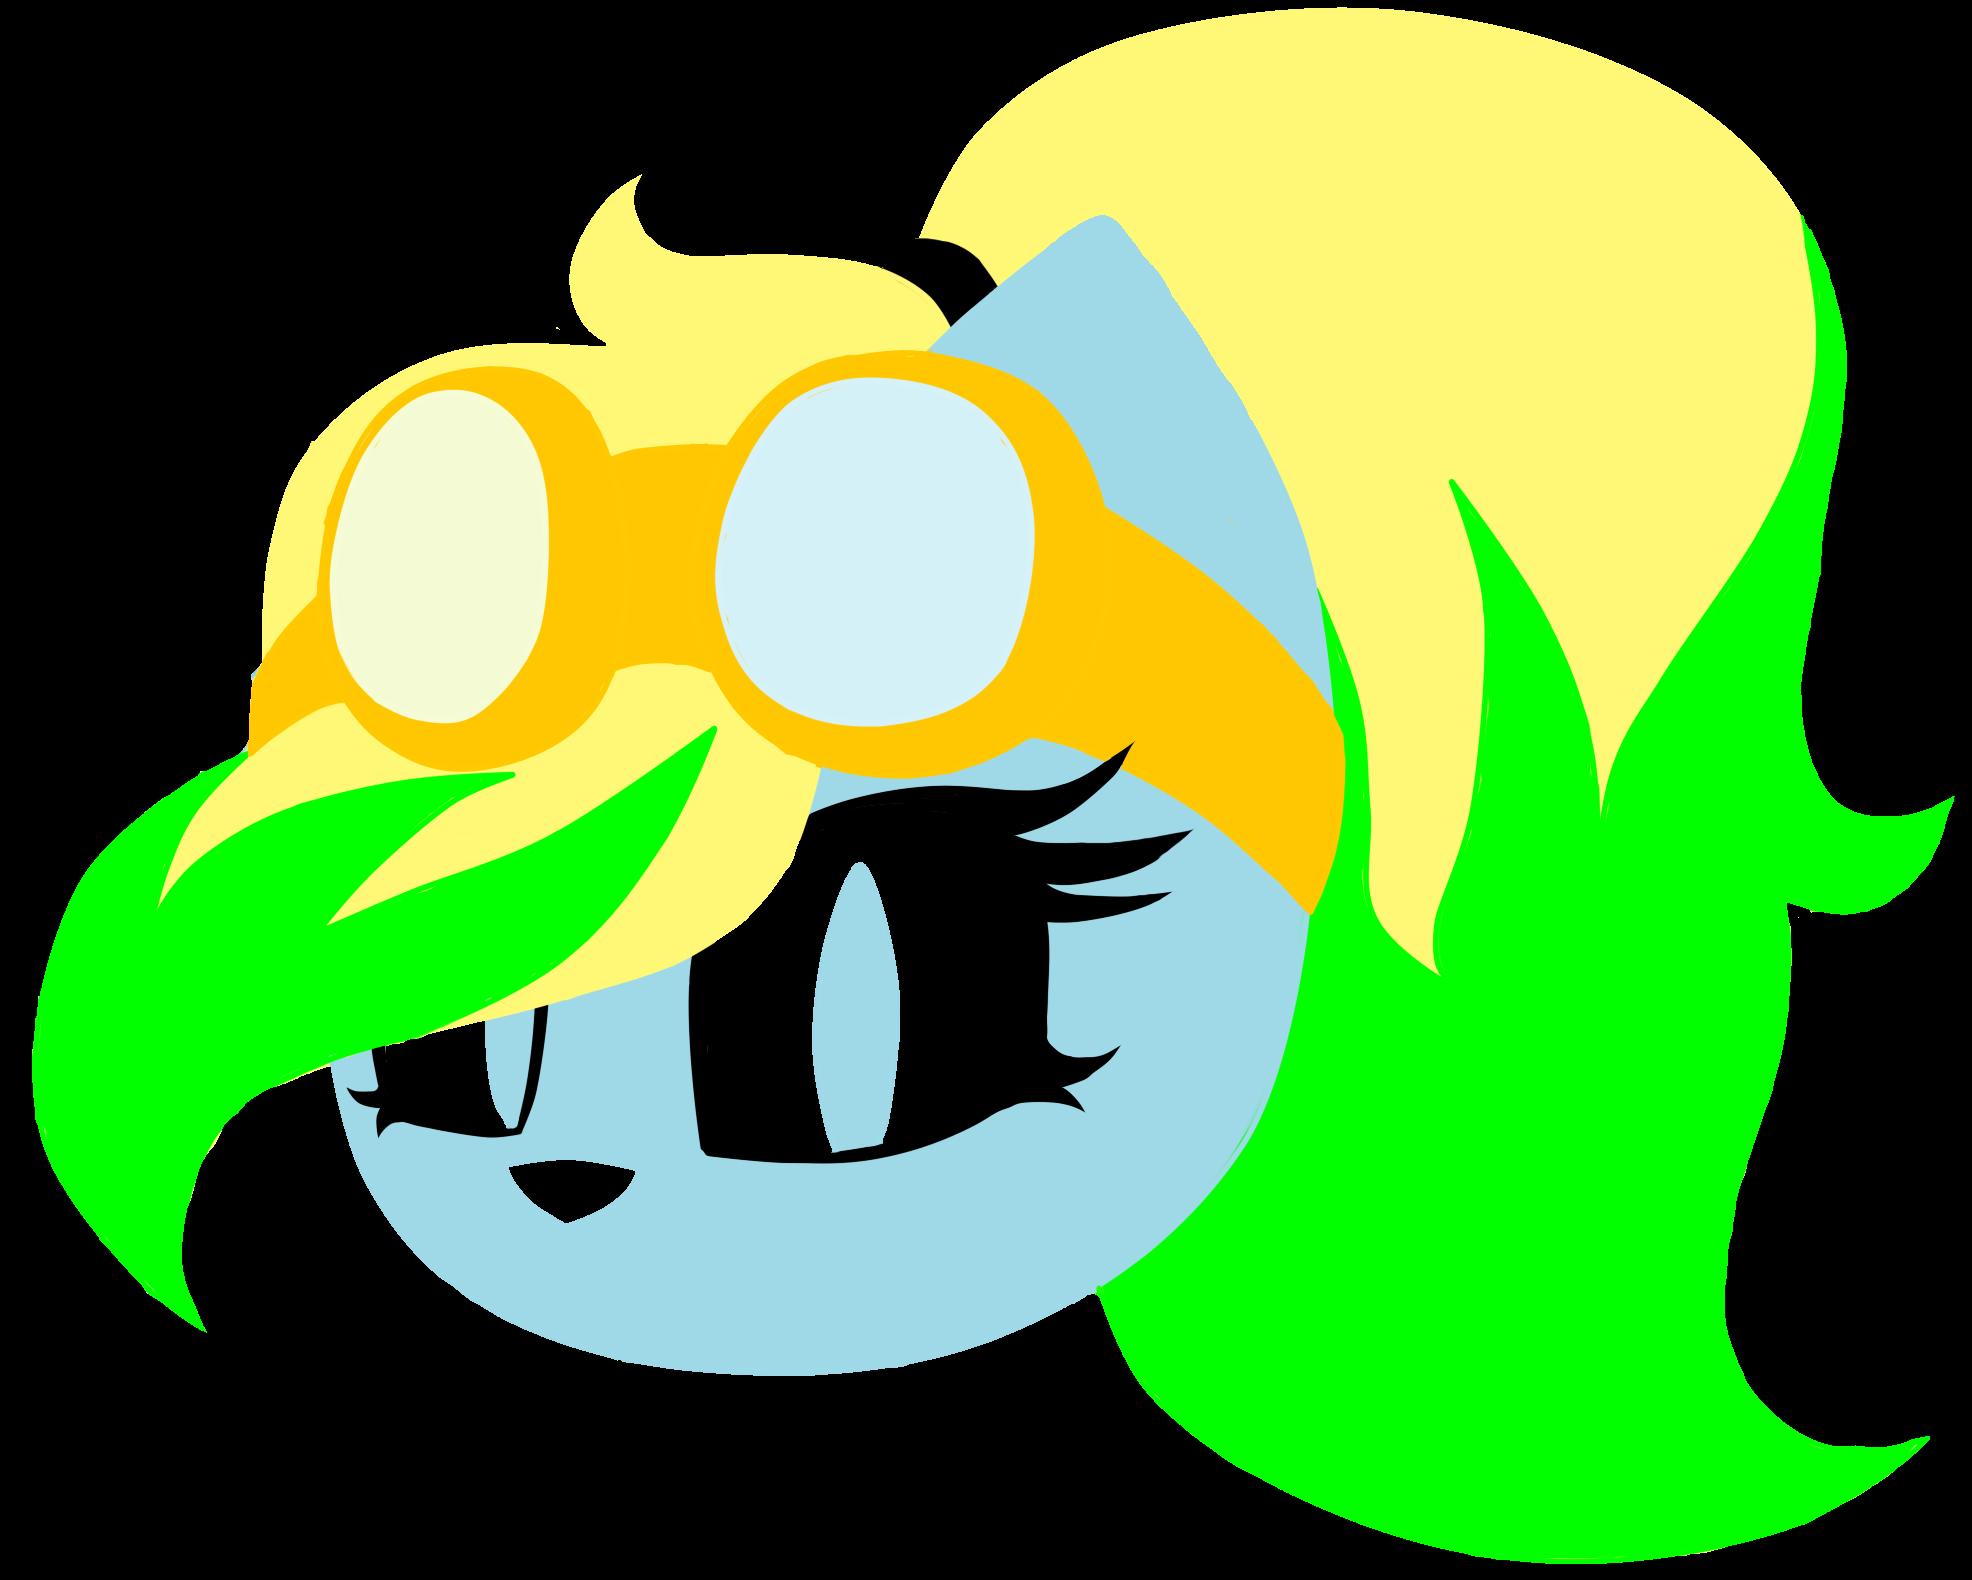 Cora redesign logo